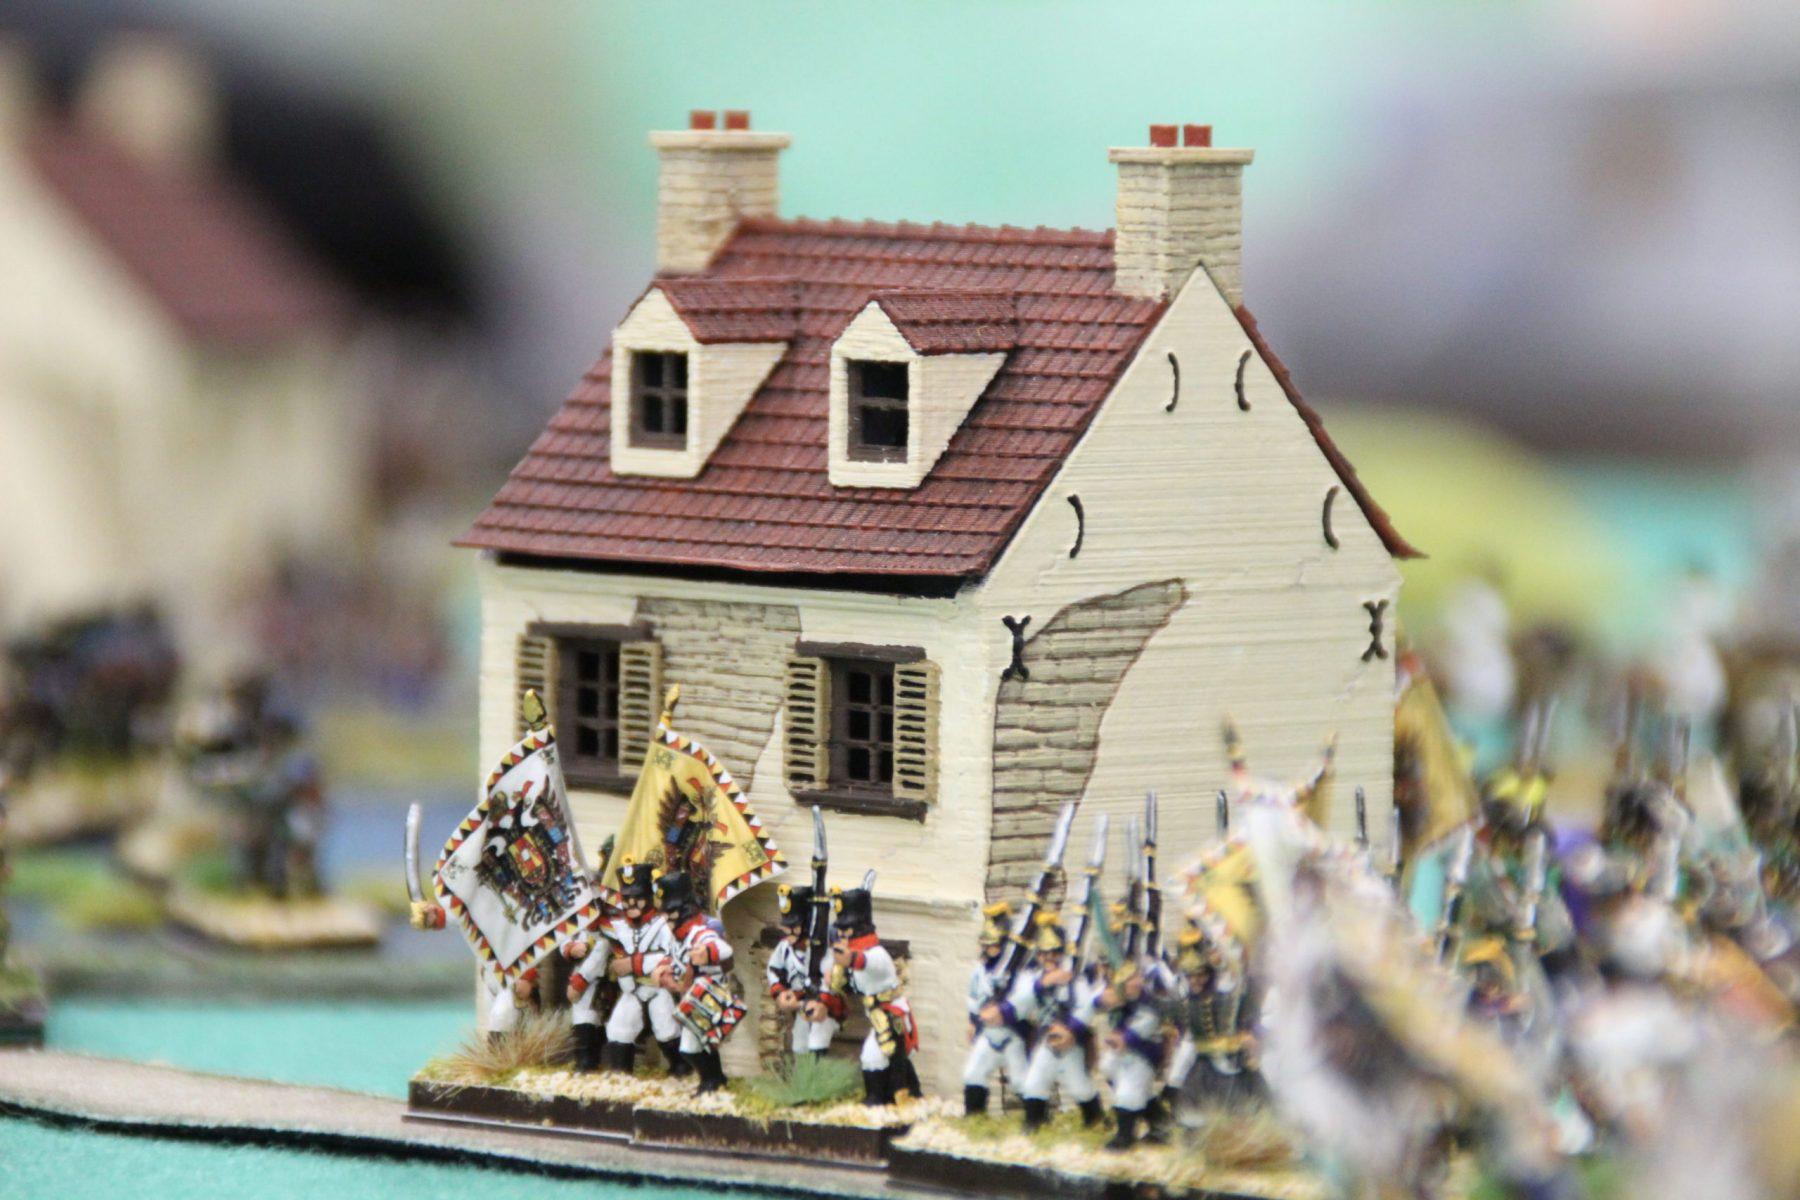 Les Autrichiens s'apprêtent à défendre chèrement cette maison stratégique.